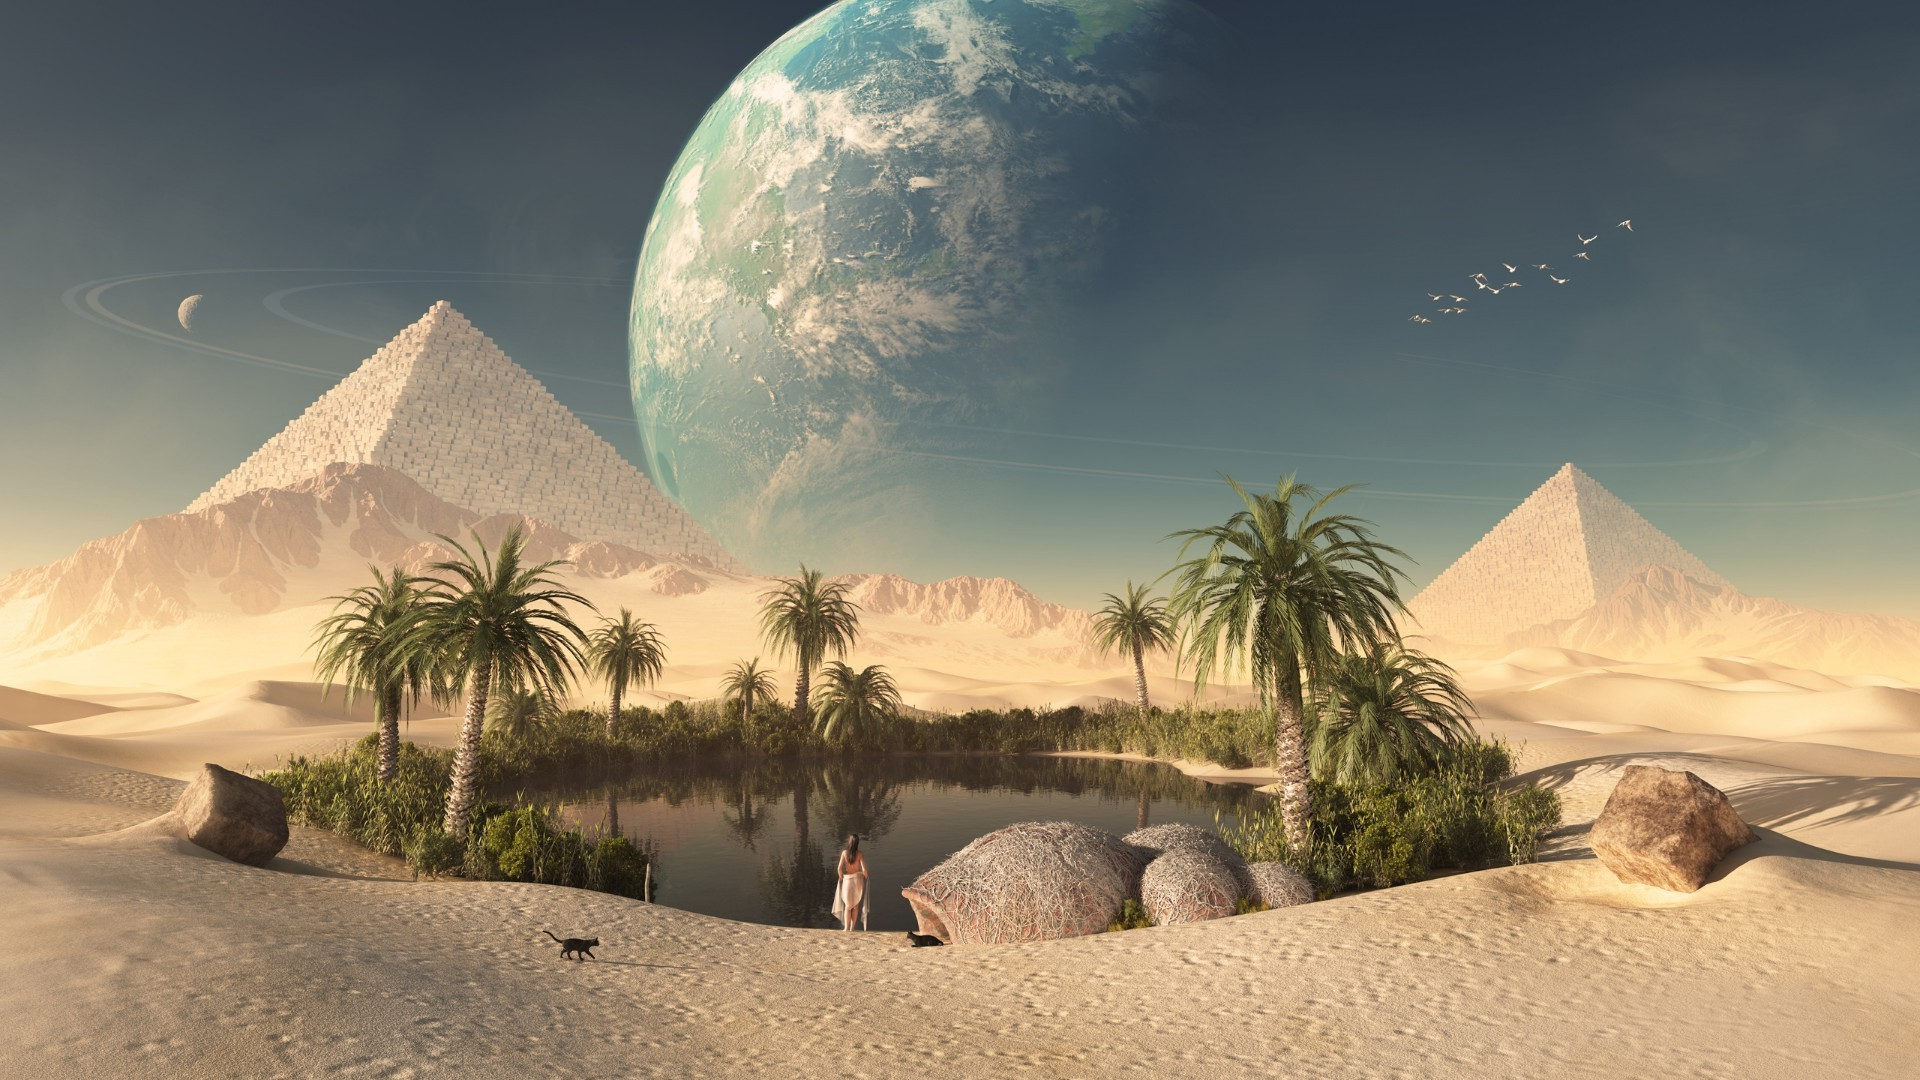 красота пустыни в картинках фэнтези